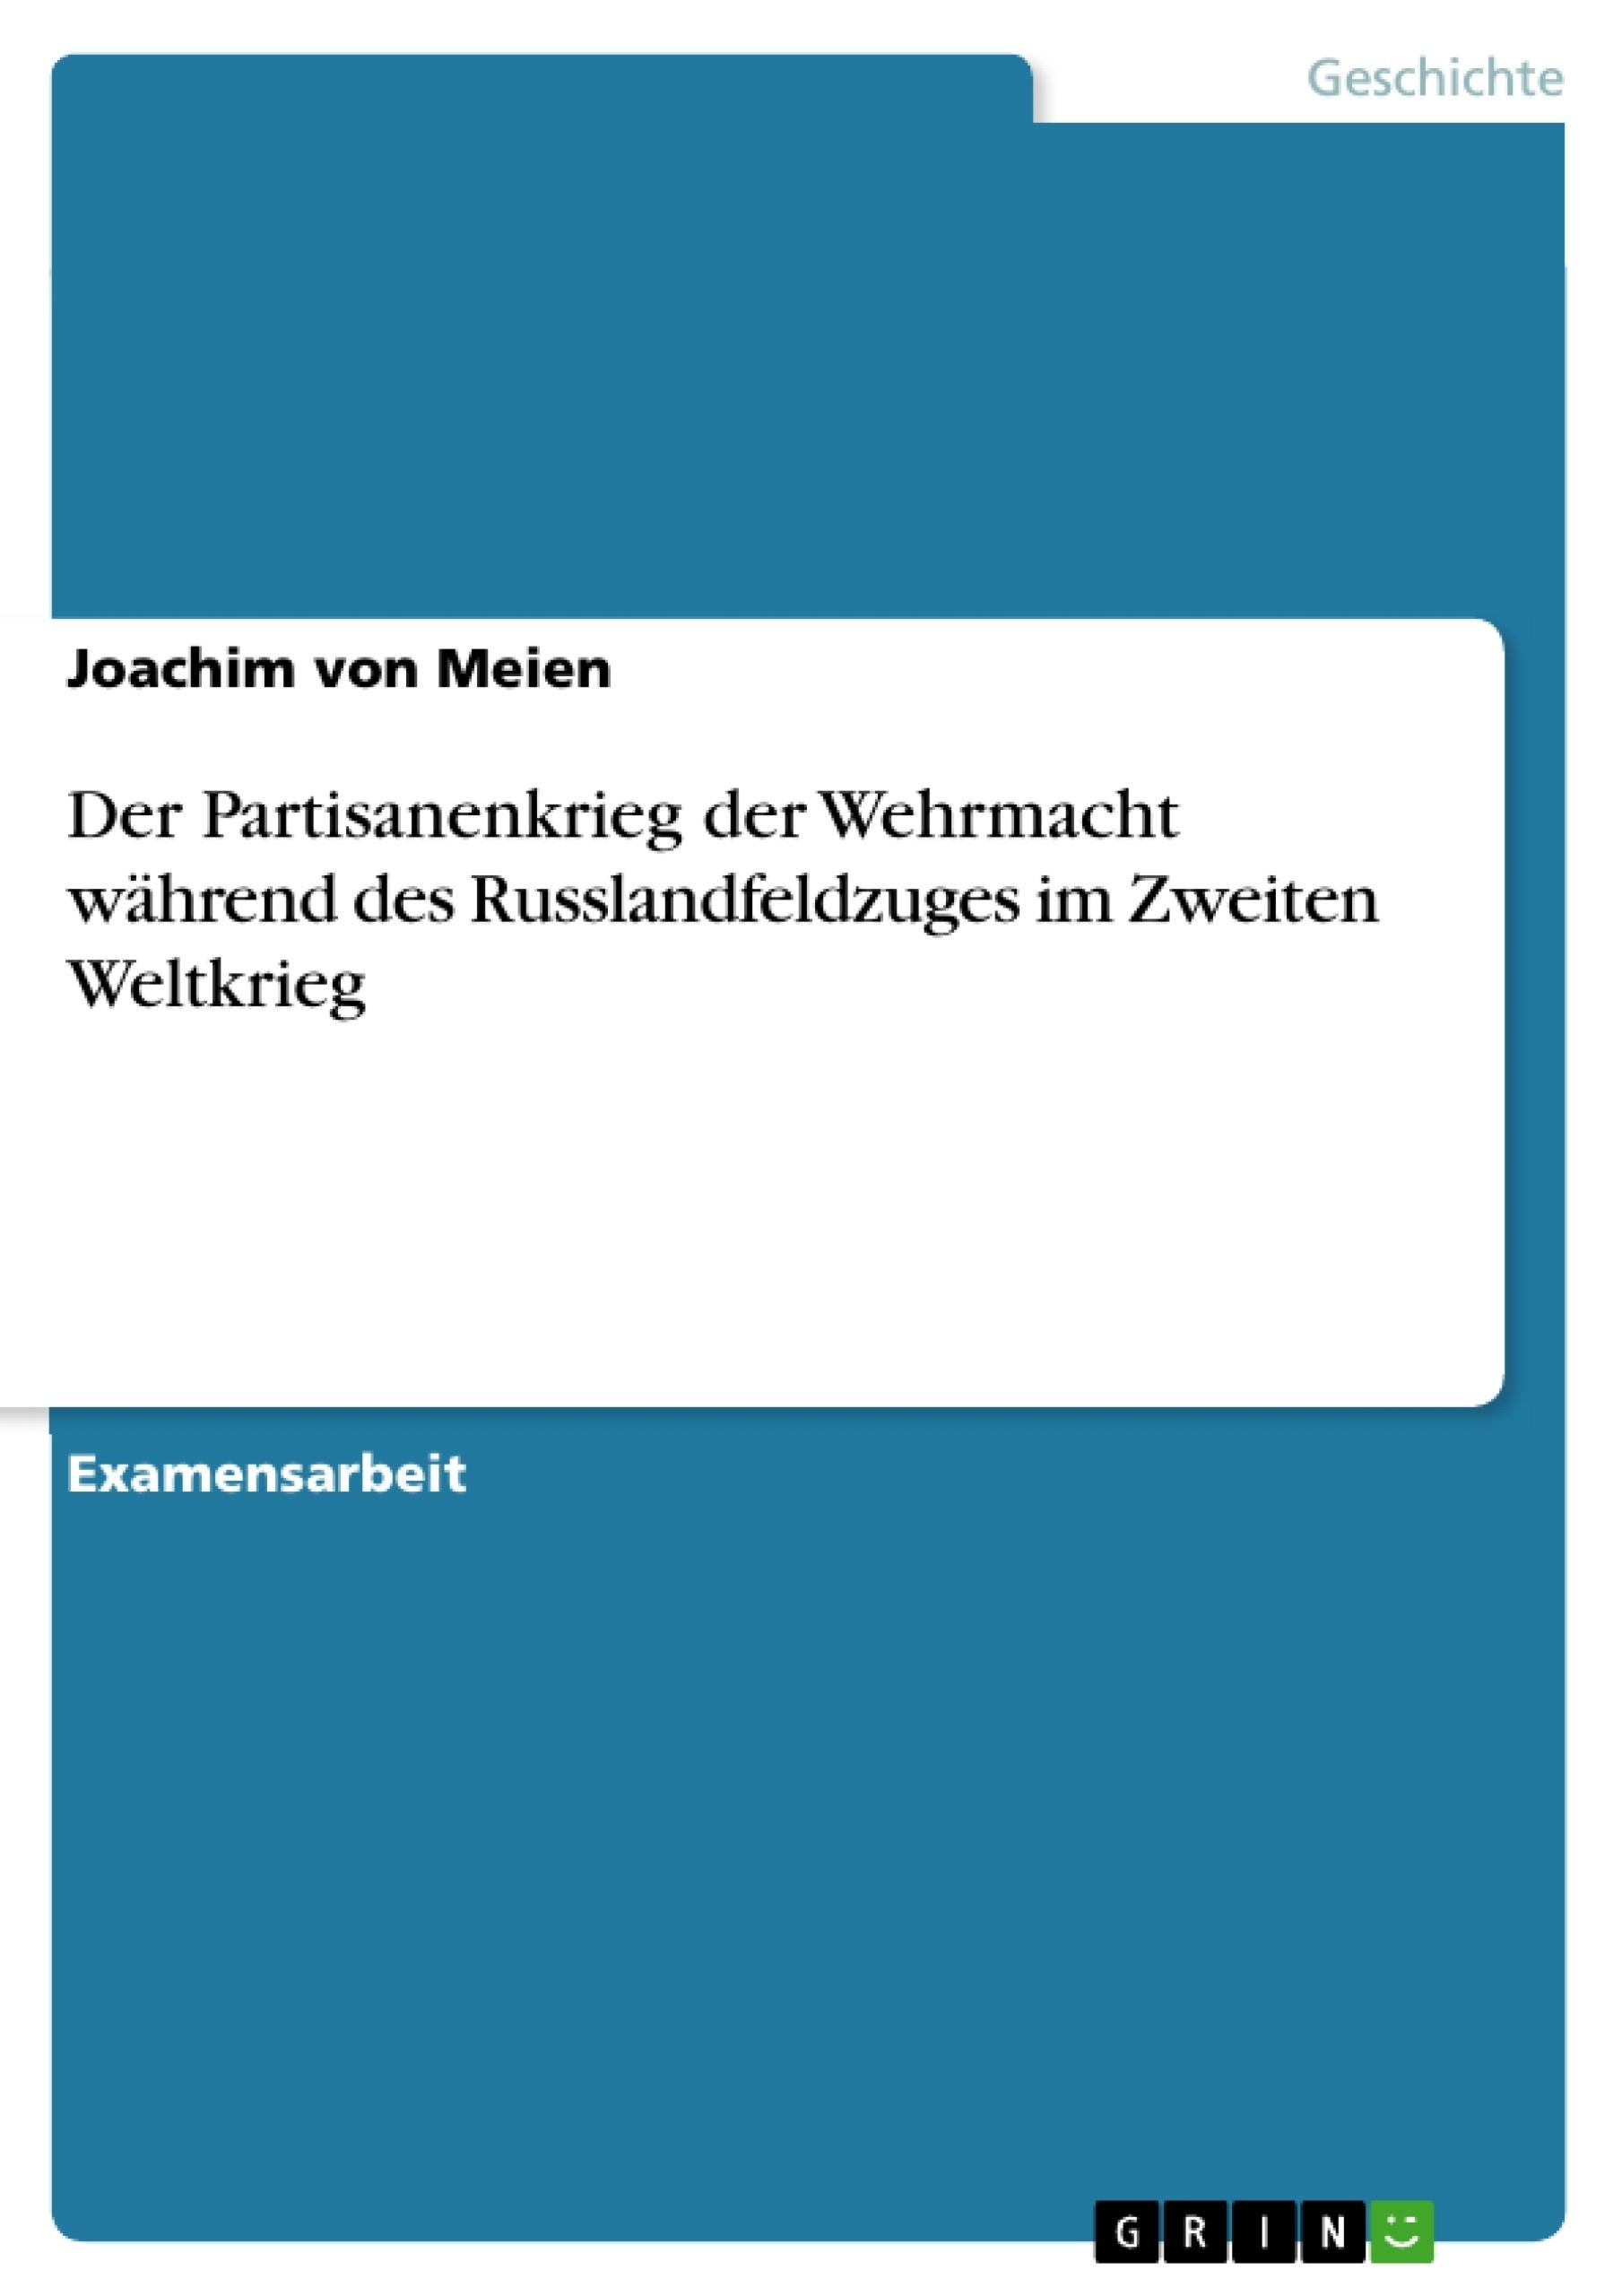 Titel: Der Partisanenkrieg der Wehrmacht während des Russlandfeldzuges im Zweiten Weltkrieg